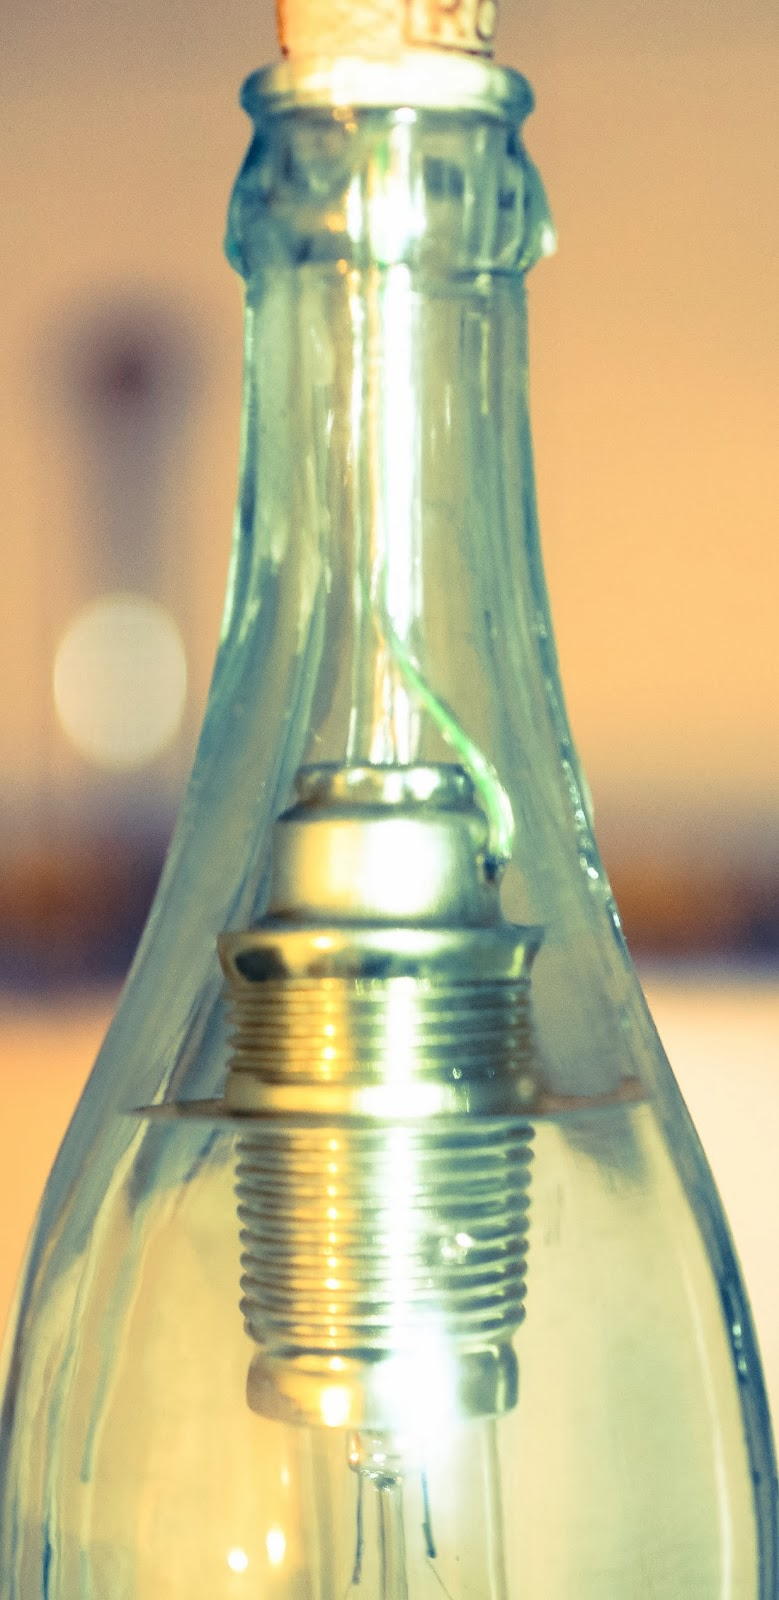 wildkind glas eine lampe aus altglas. Black Bedroom Furniture Sets. Home Design Ideas